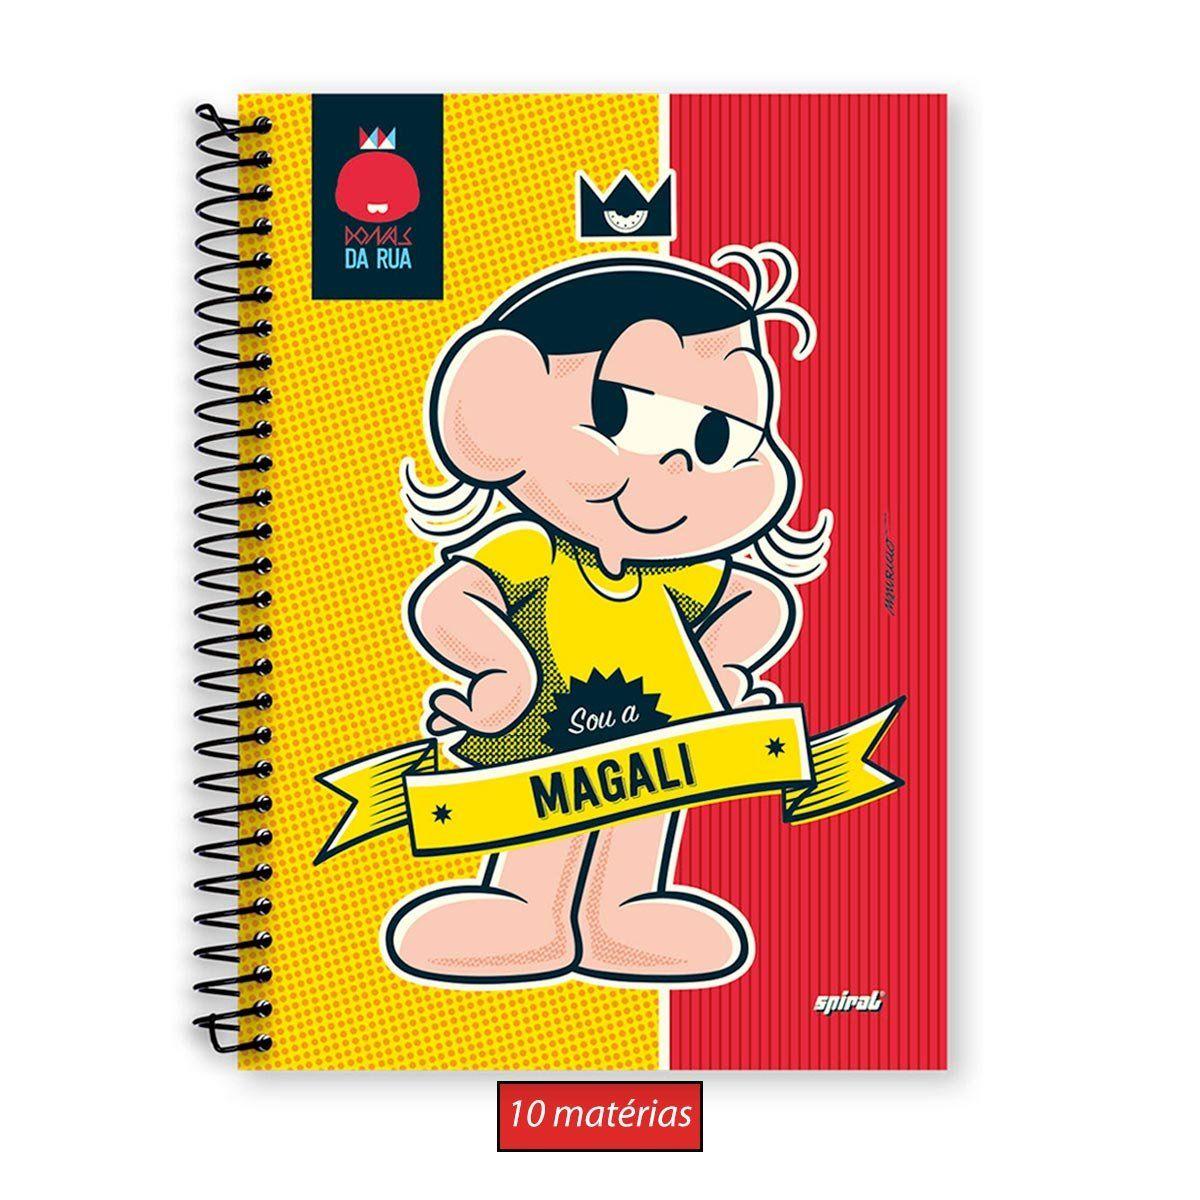 Caderno Magali Dona da Rua 10 Matérias